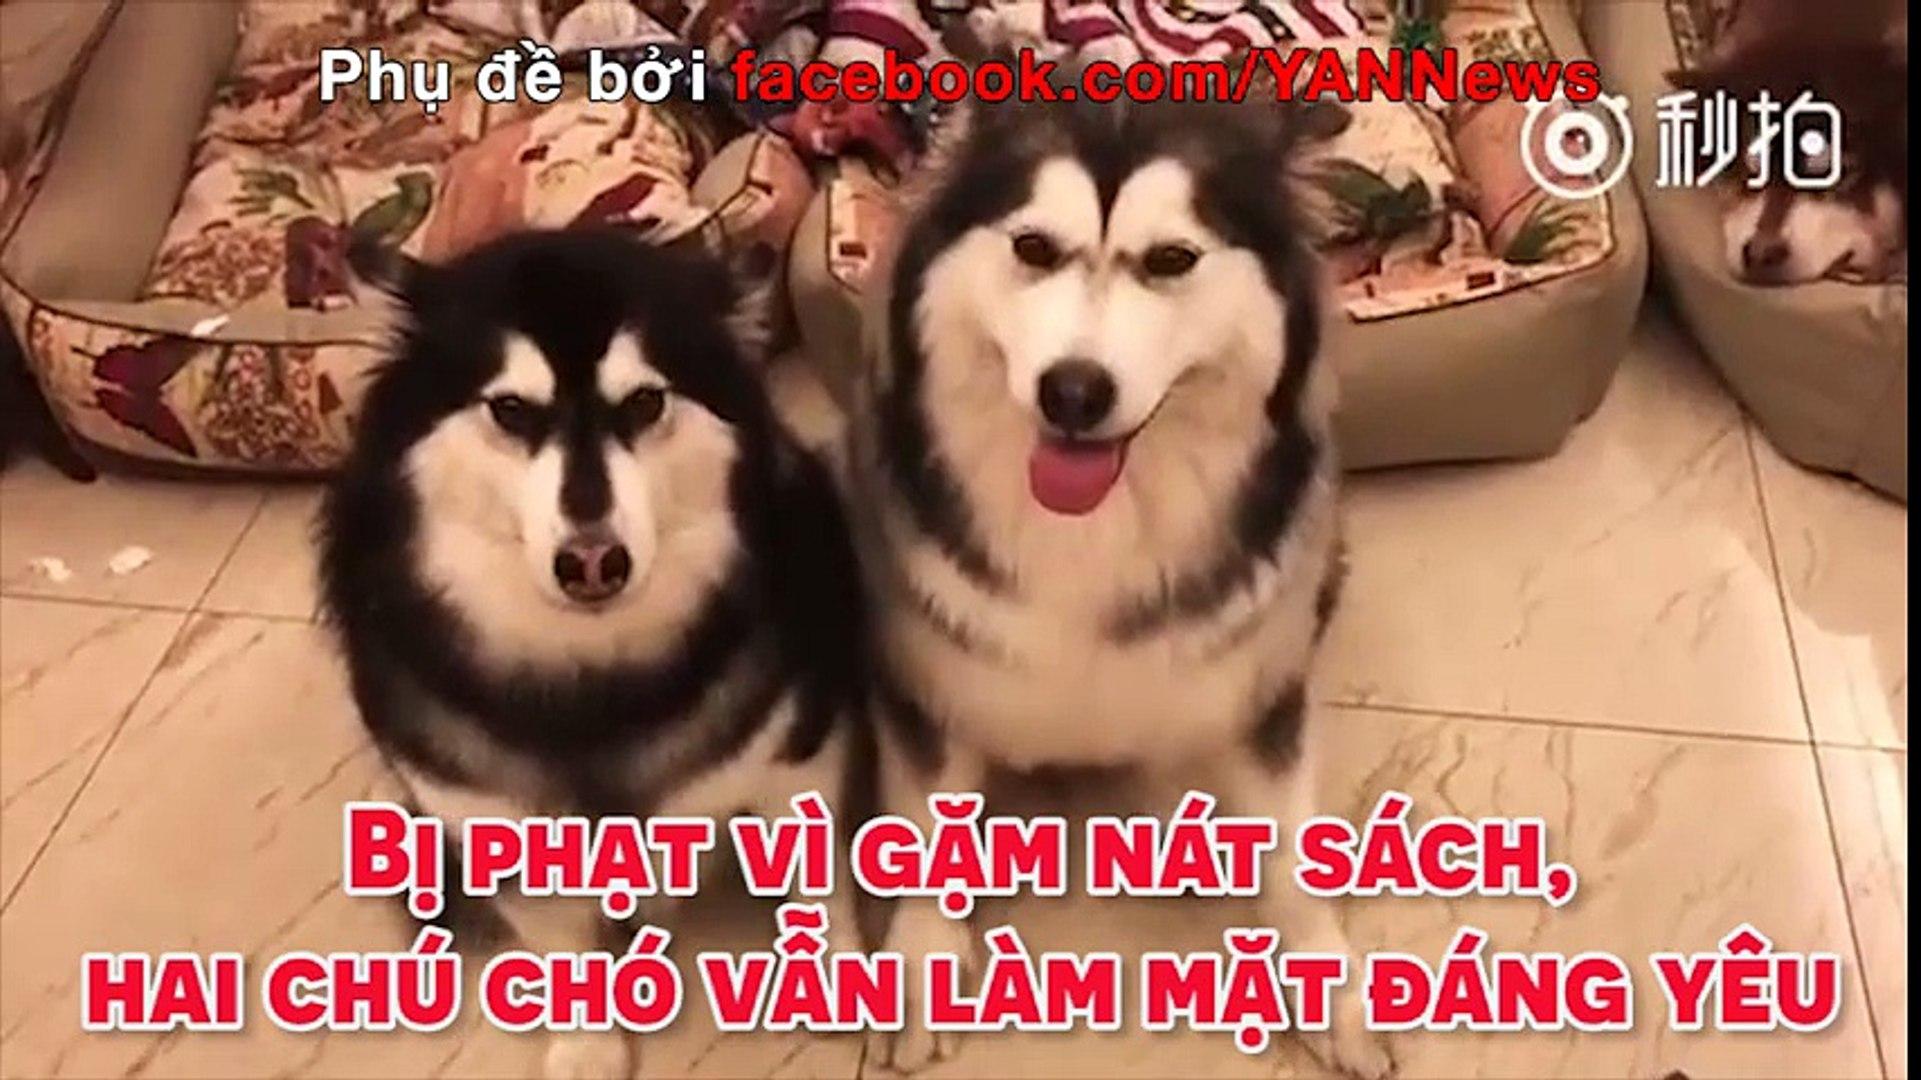 Bị phạt vì gặm nát sách, hai chú chó vẫn làm mặt đáng yêu.